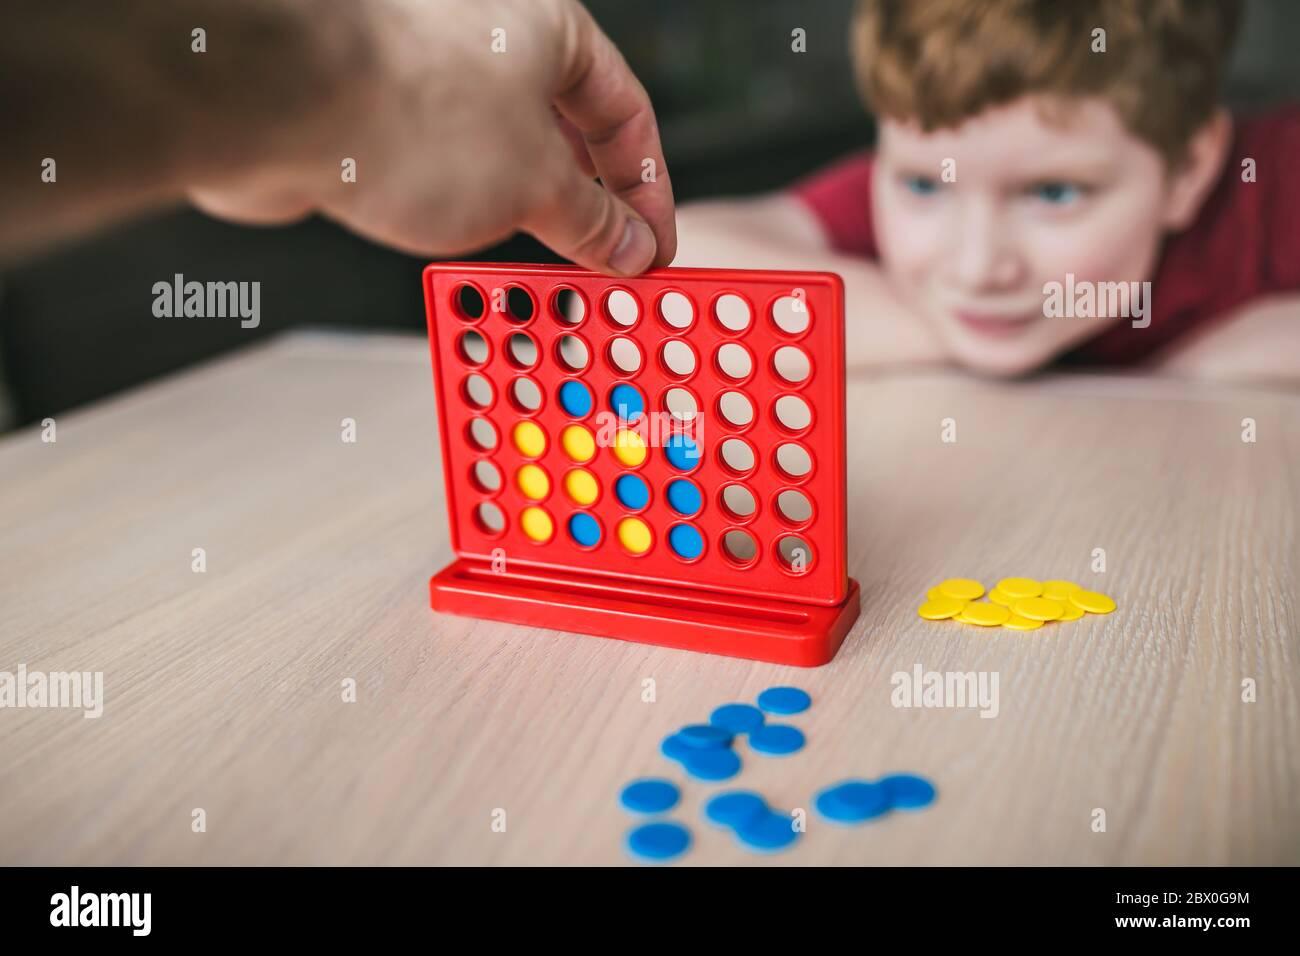 Padre e figlio giocano un gioco da tavolo di 'Collect Four in a line' - tempo libero per la famiglia Foto Stock